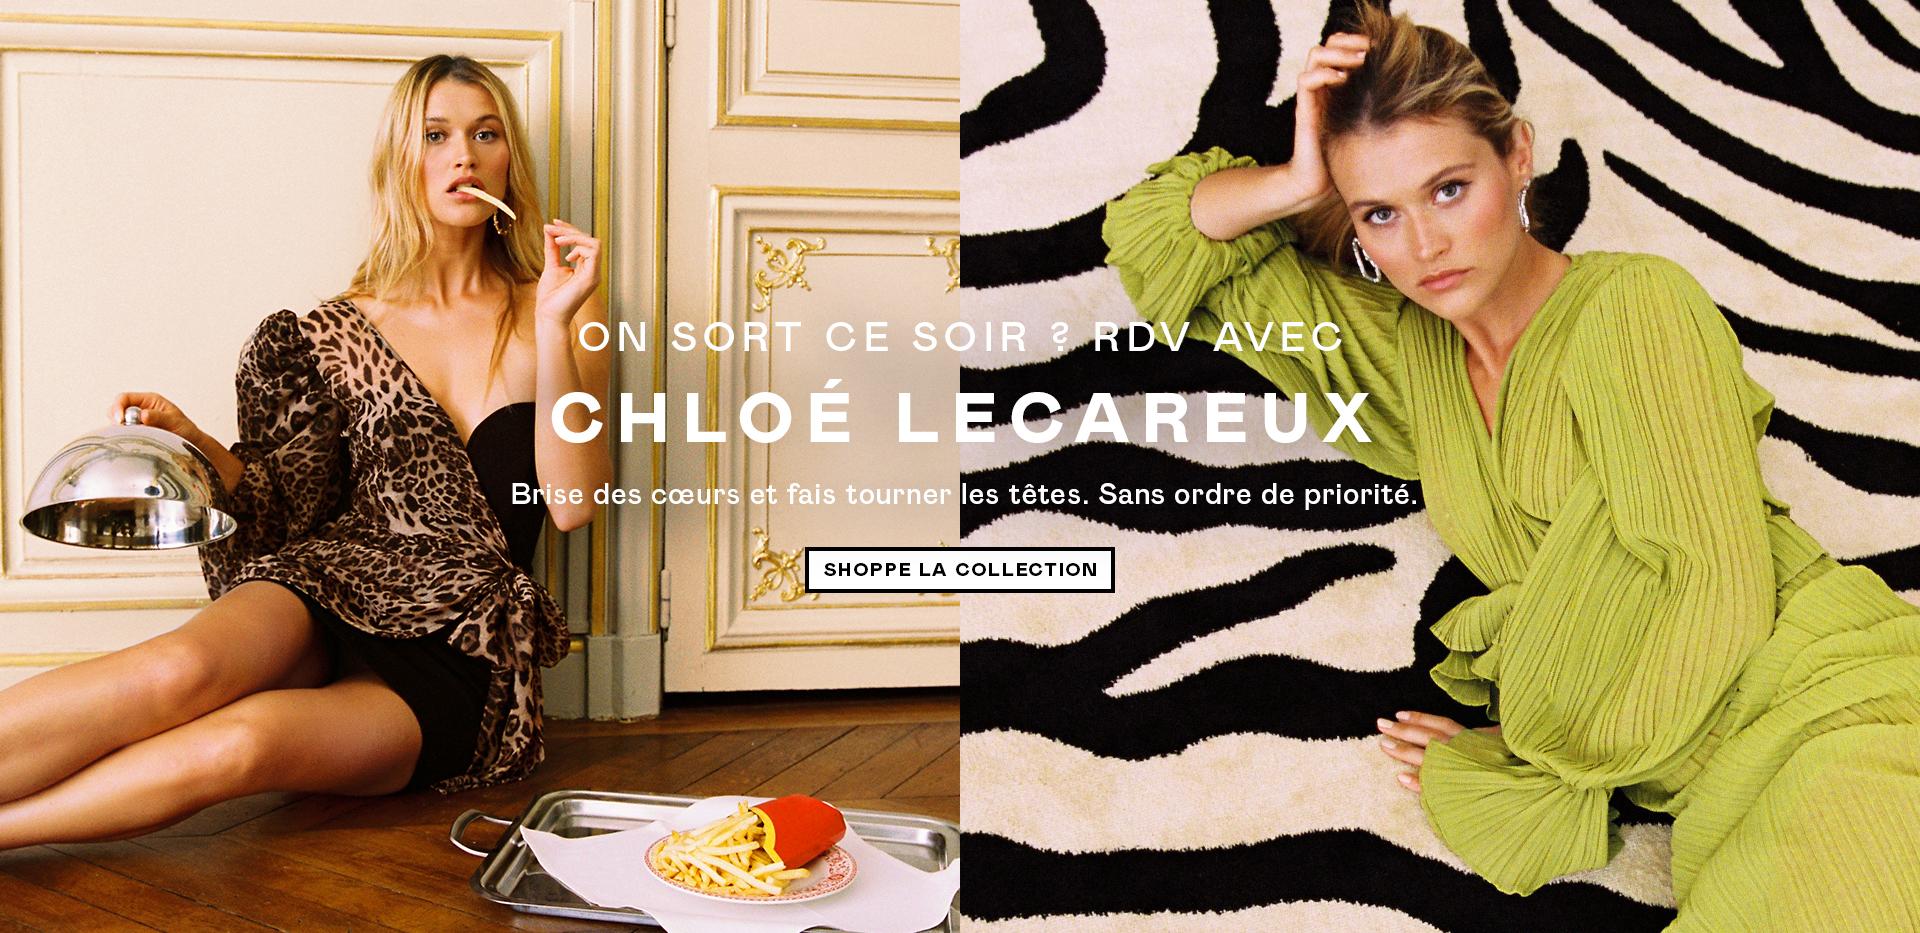 chloe lecareux - shoppe la collection